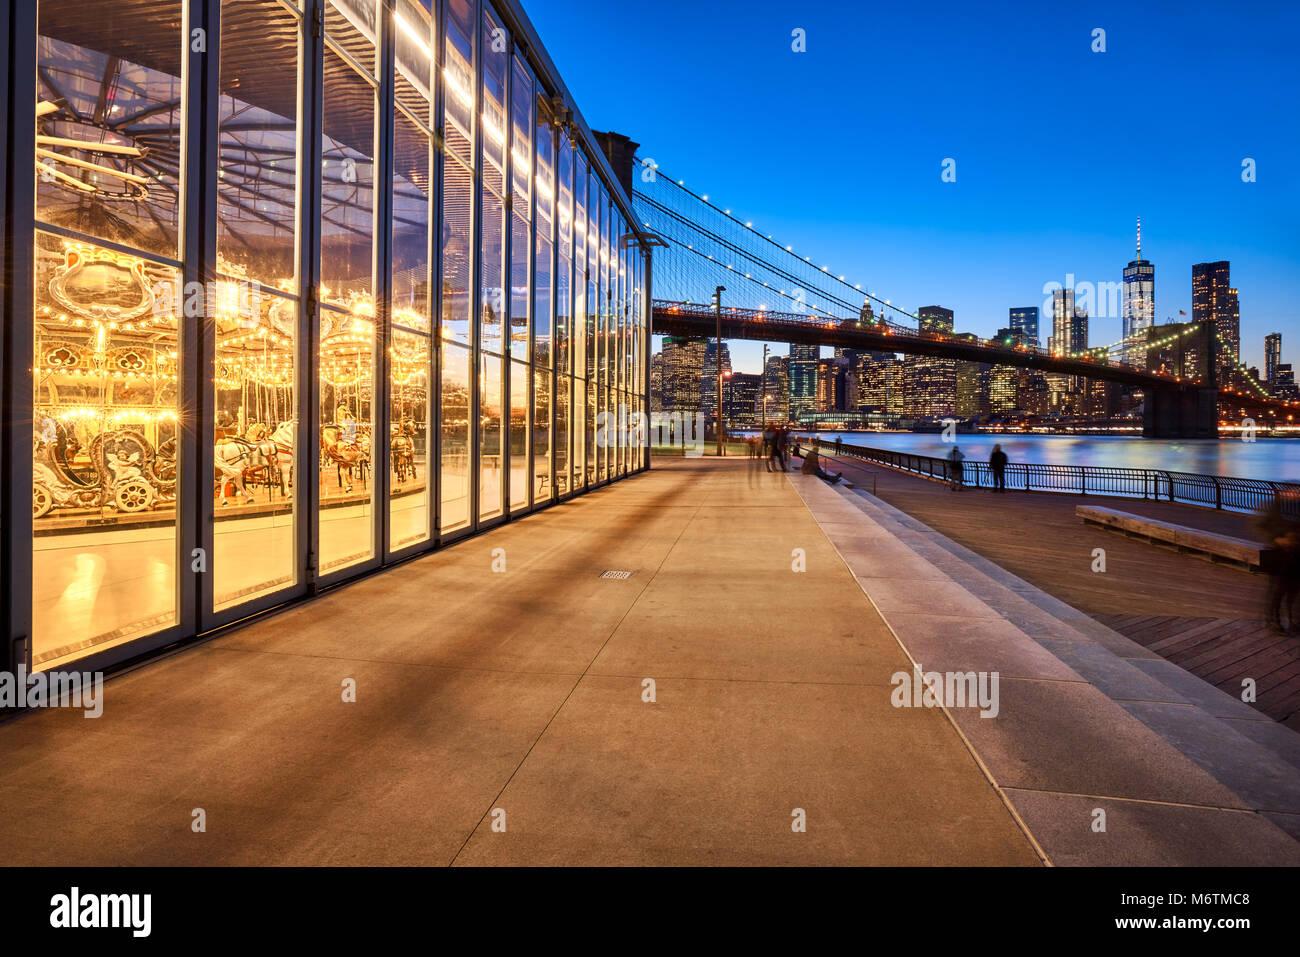 Pont de Brooklyn Park, au crépuscule avec vue sur les gratte-ciel de Manhattan, le pont de Brooklyn et le carrousel. Photo Stock